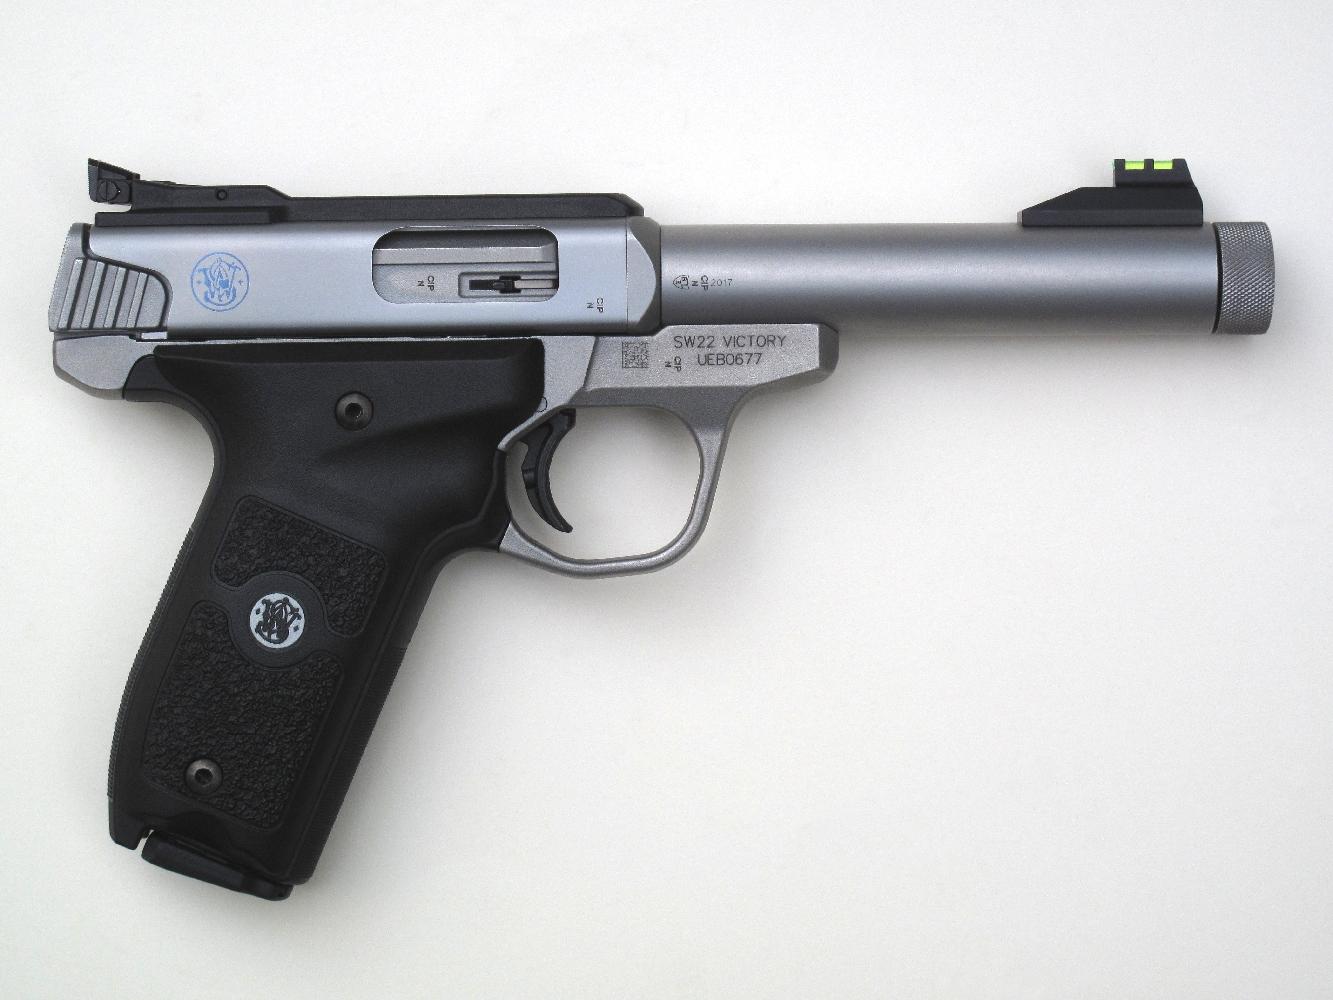 Pistolet S&W modèle SW22 « Victory », calibre .22 Long Rifle